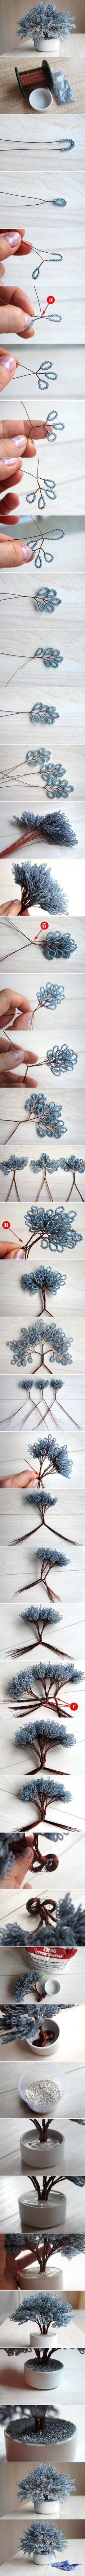 Árbol miniatura DIY de los granos del árbol en miniatura DIY de los granos: